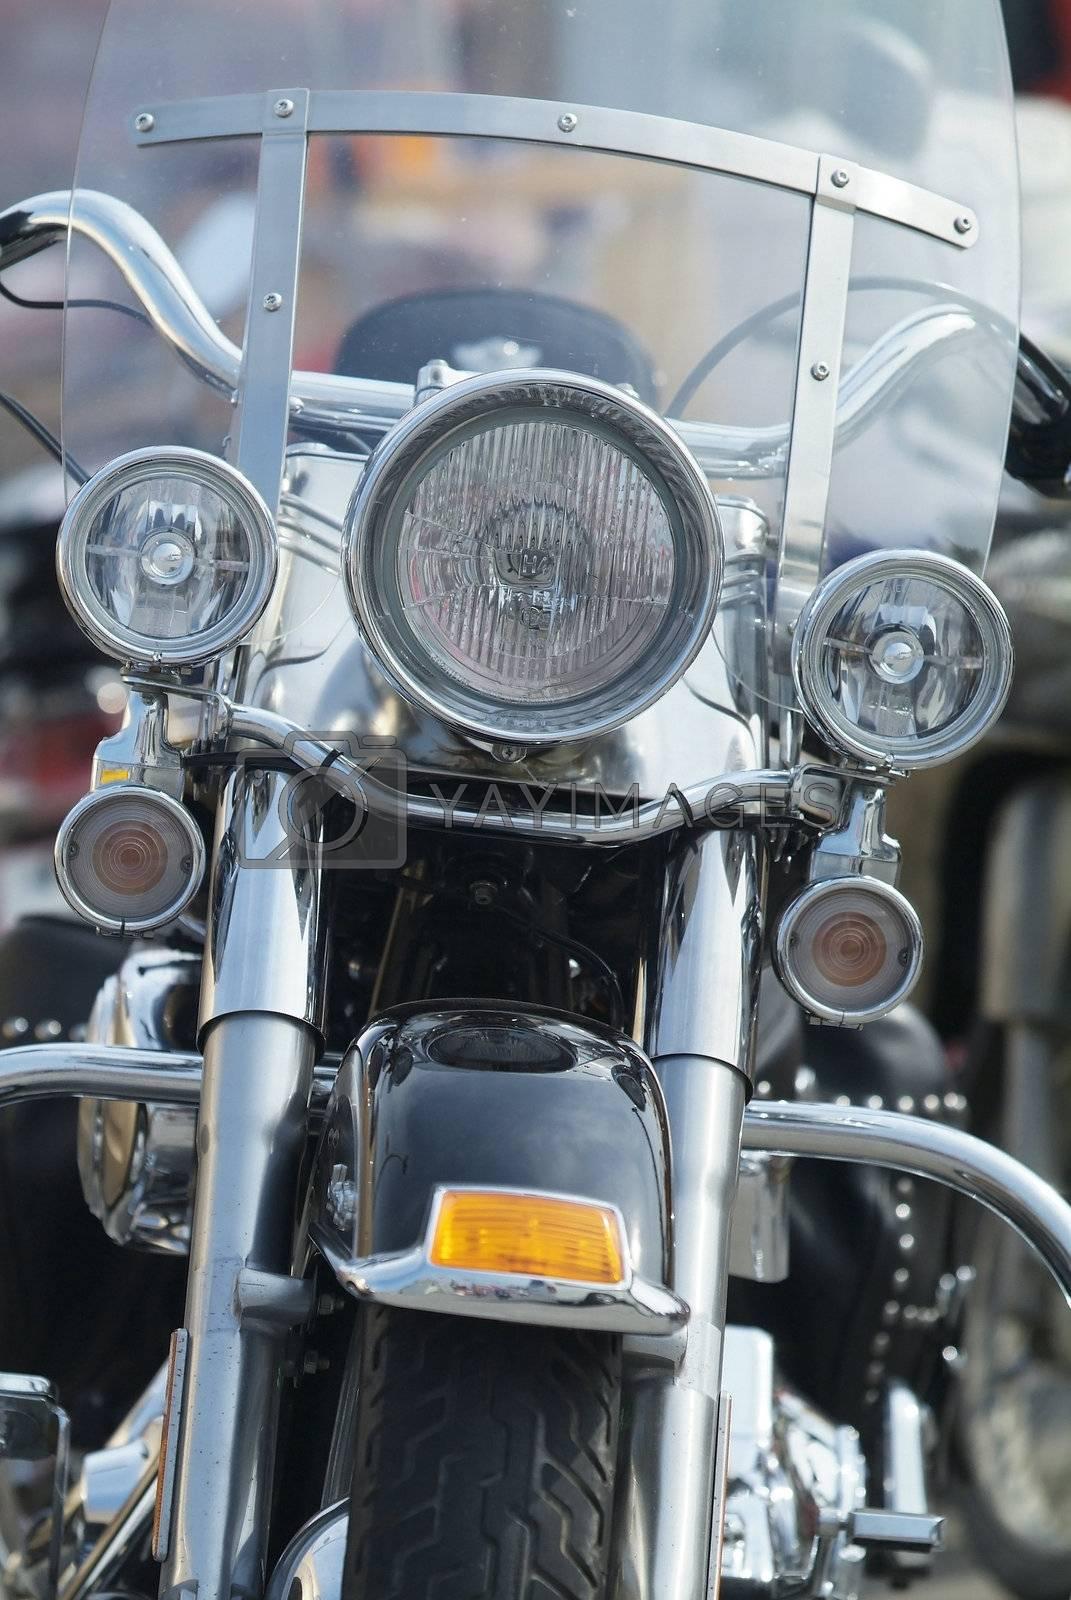 Classic American motorbike by epixx